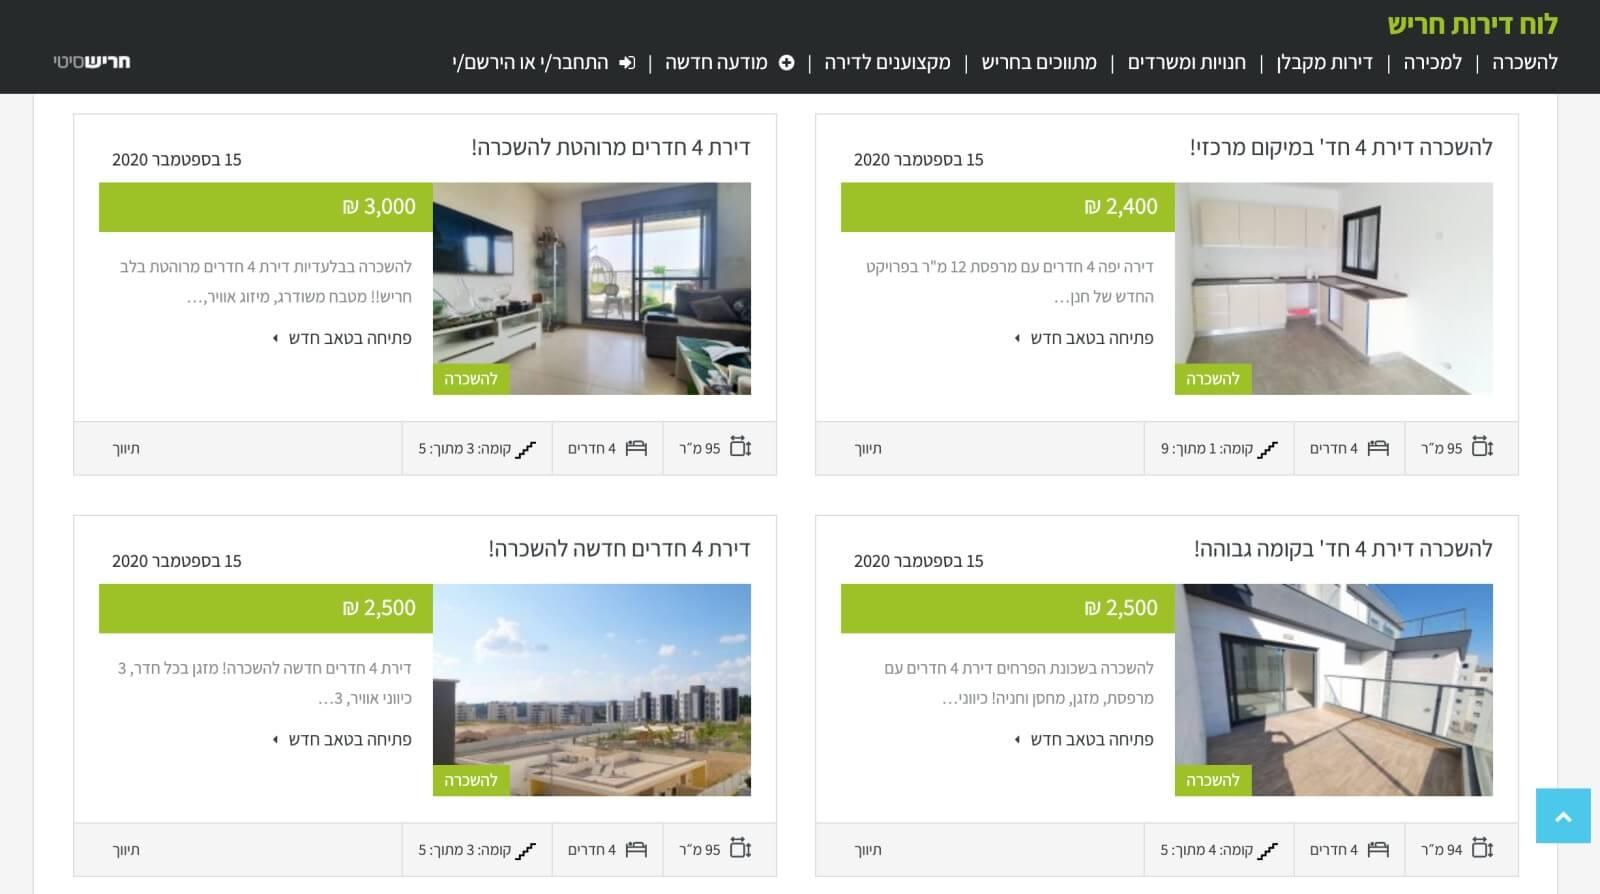 דירות להשכרה בחריש - לוח דירות חריש